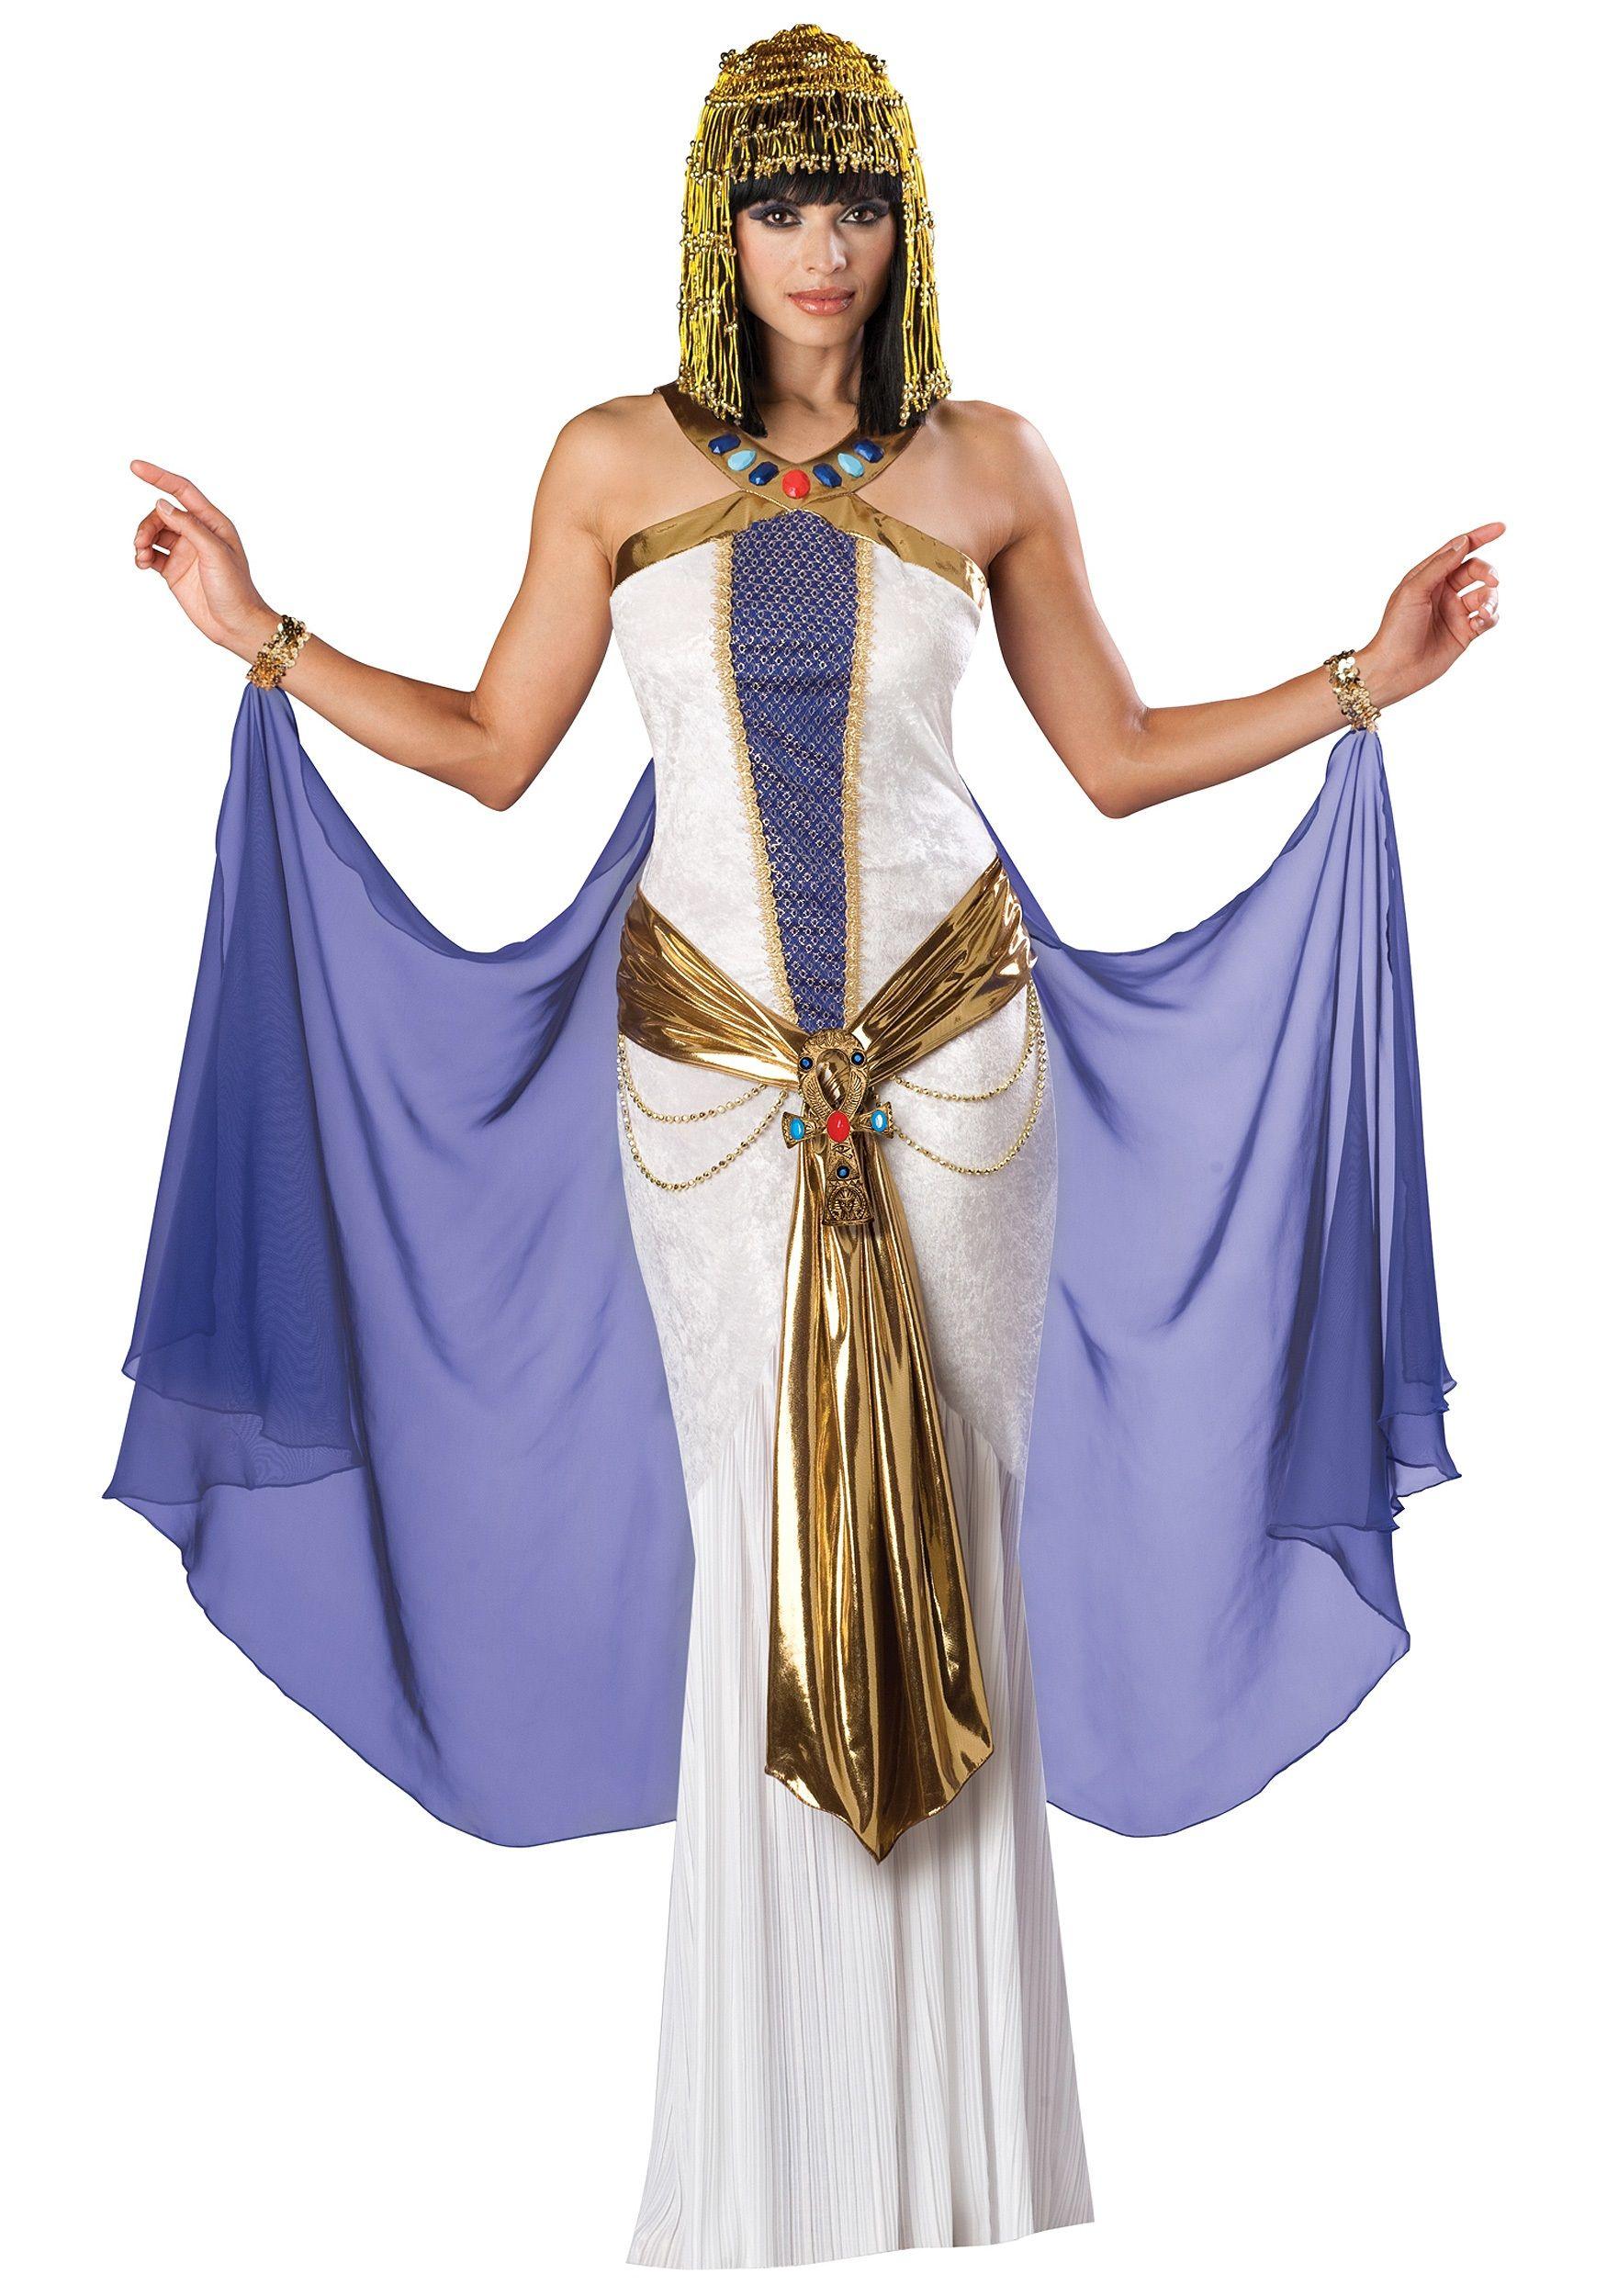 стремитесь картинка египетского костюма такой